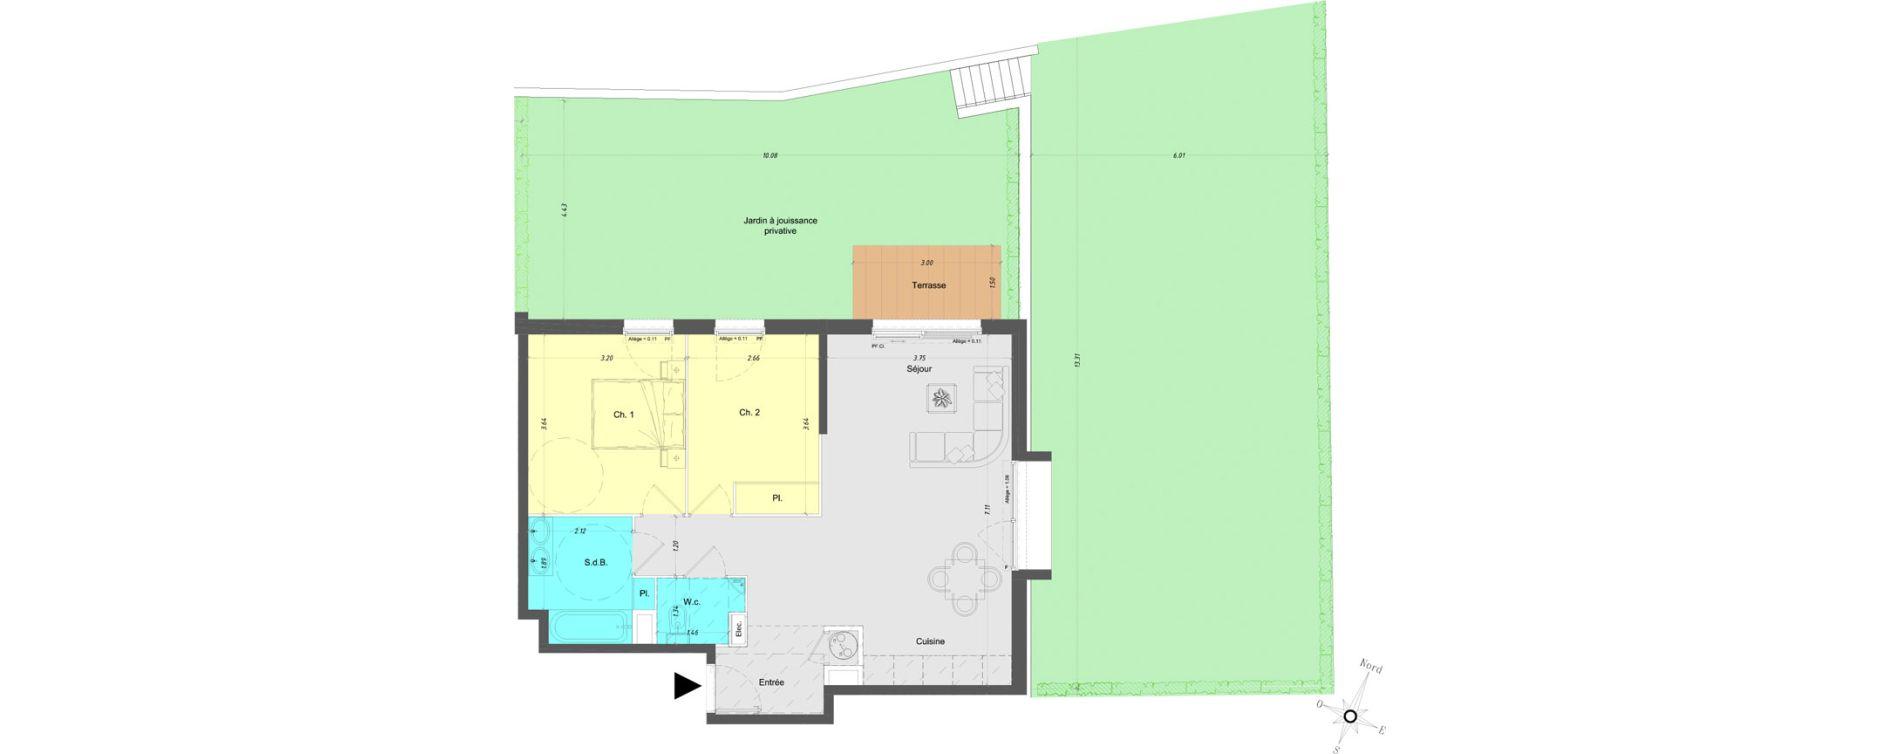 Appartement T3 de 65,70 m2 à Vence Centre